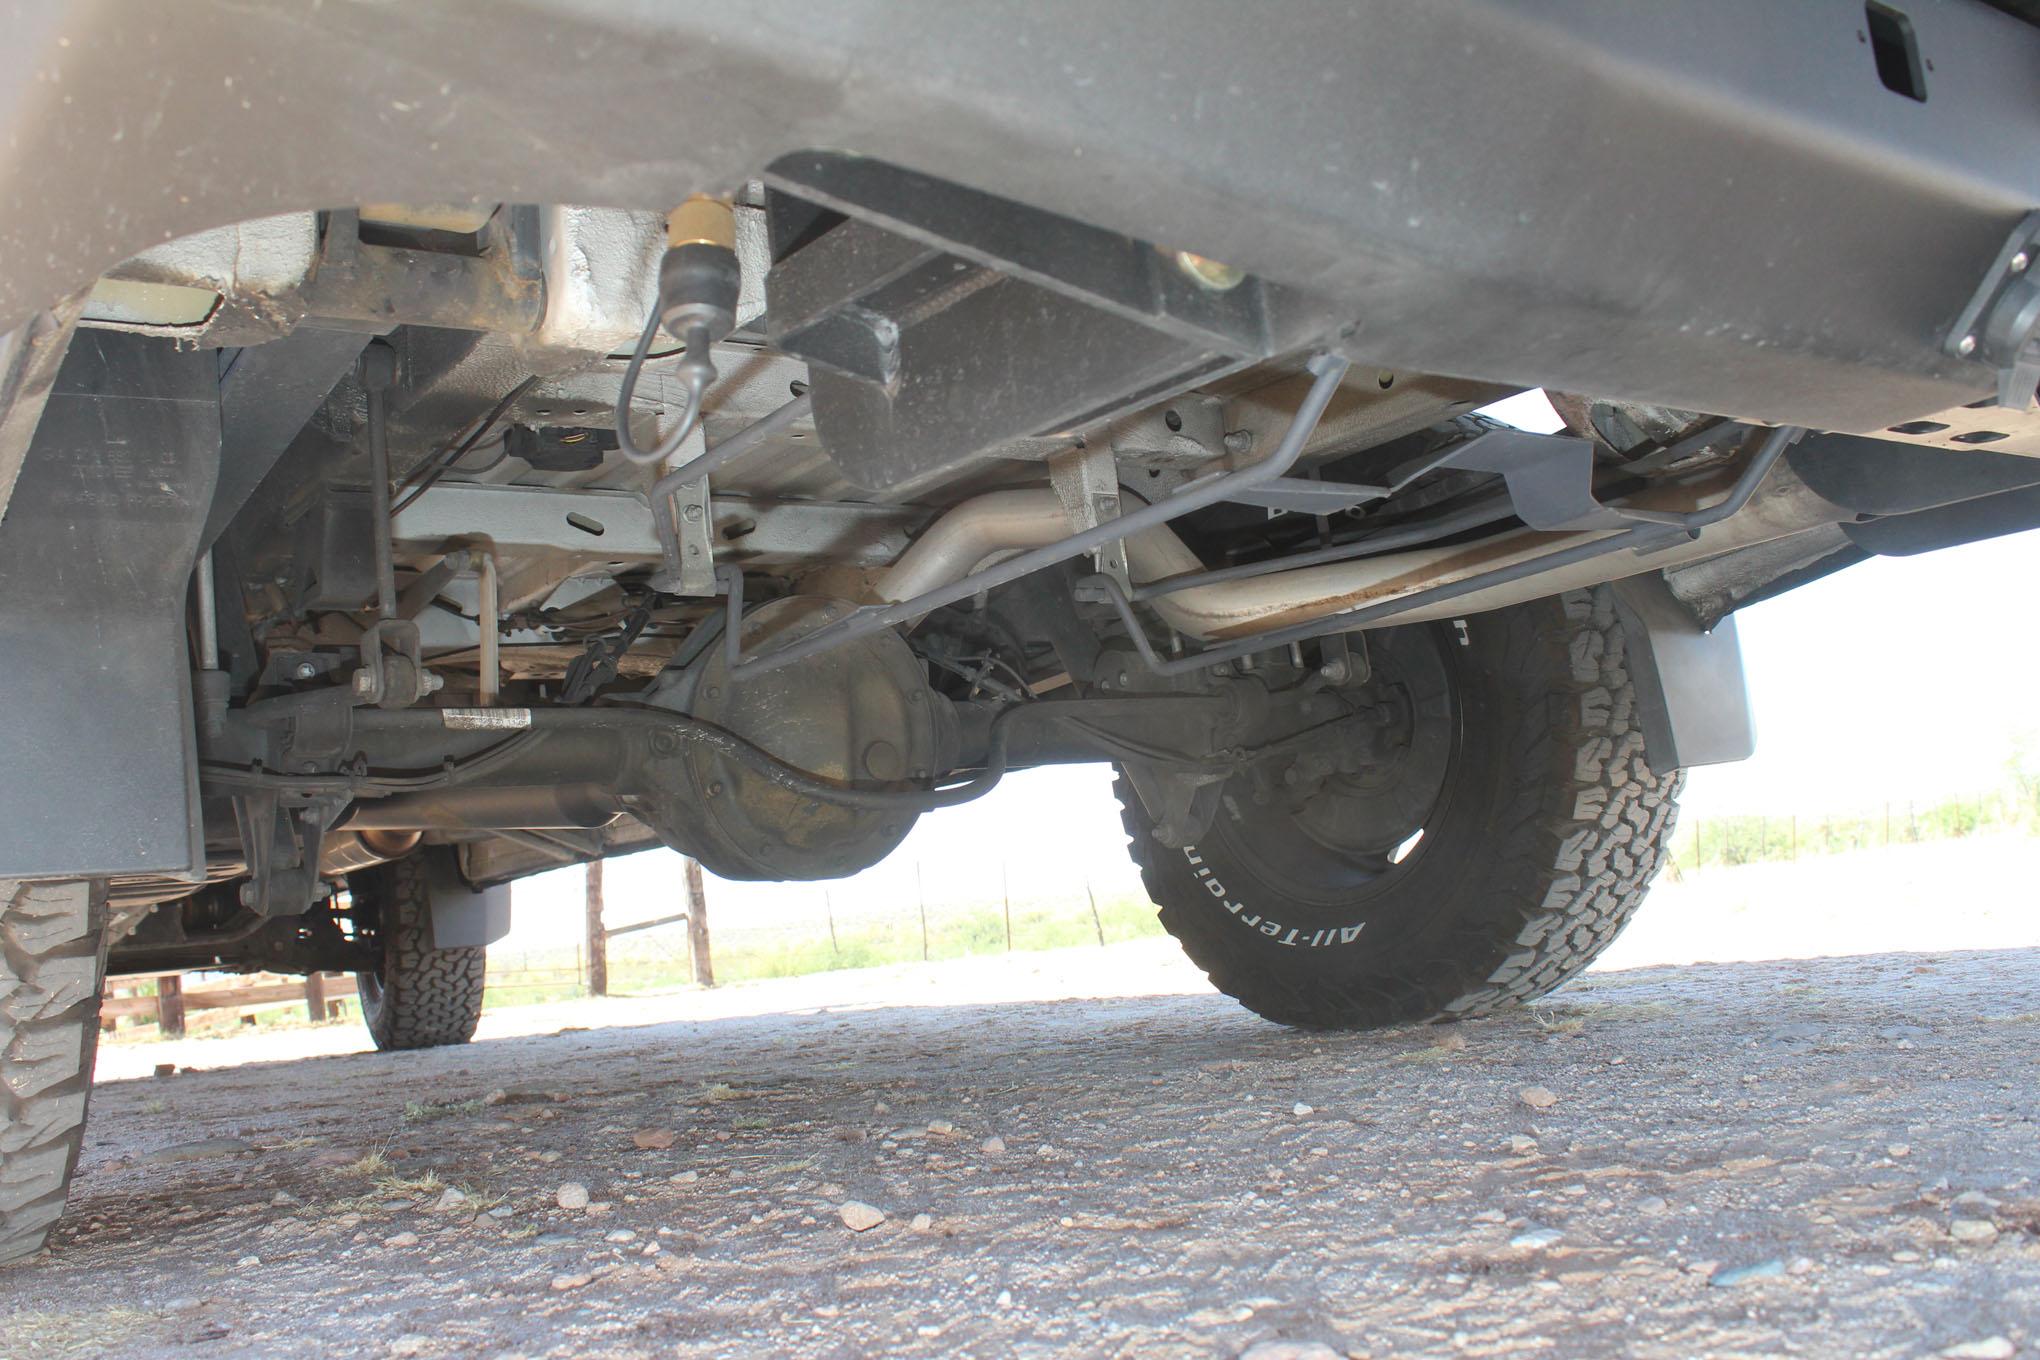 025 four wheeler feature bart miller 1971 mercedes benz sprinter